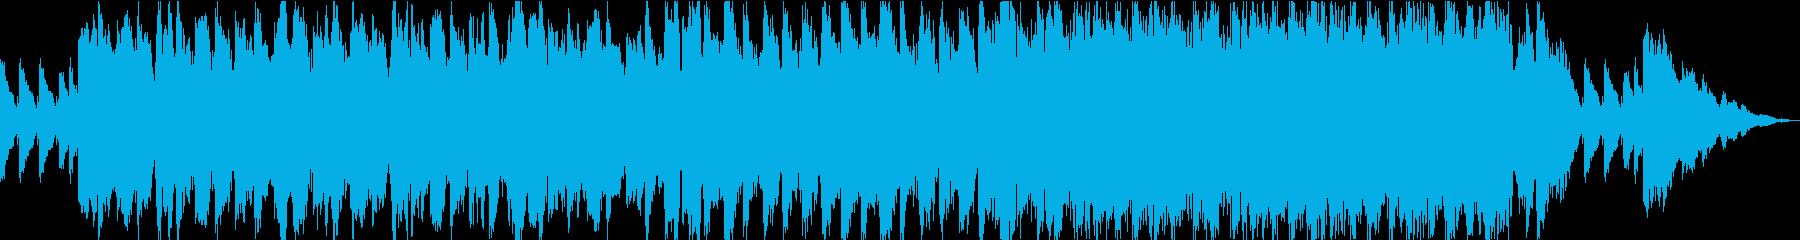 神秘的で不思議な雰囲気のBGM3の再生済みの波形